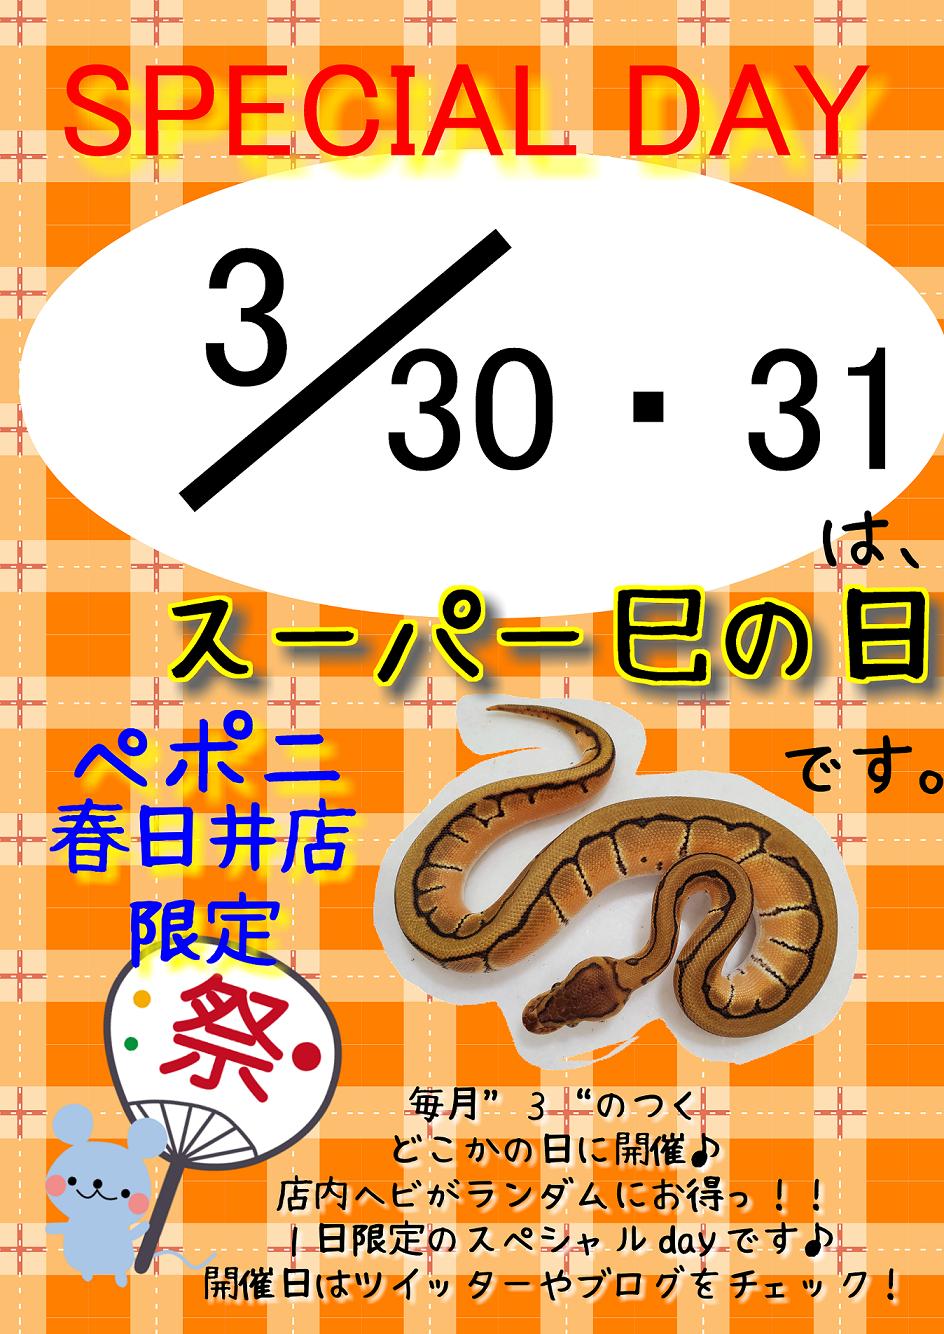 【春ペポニ】今月最後はスーパー巳の日で!!